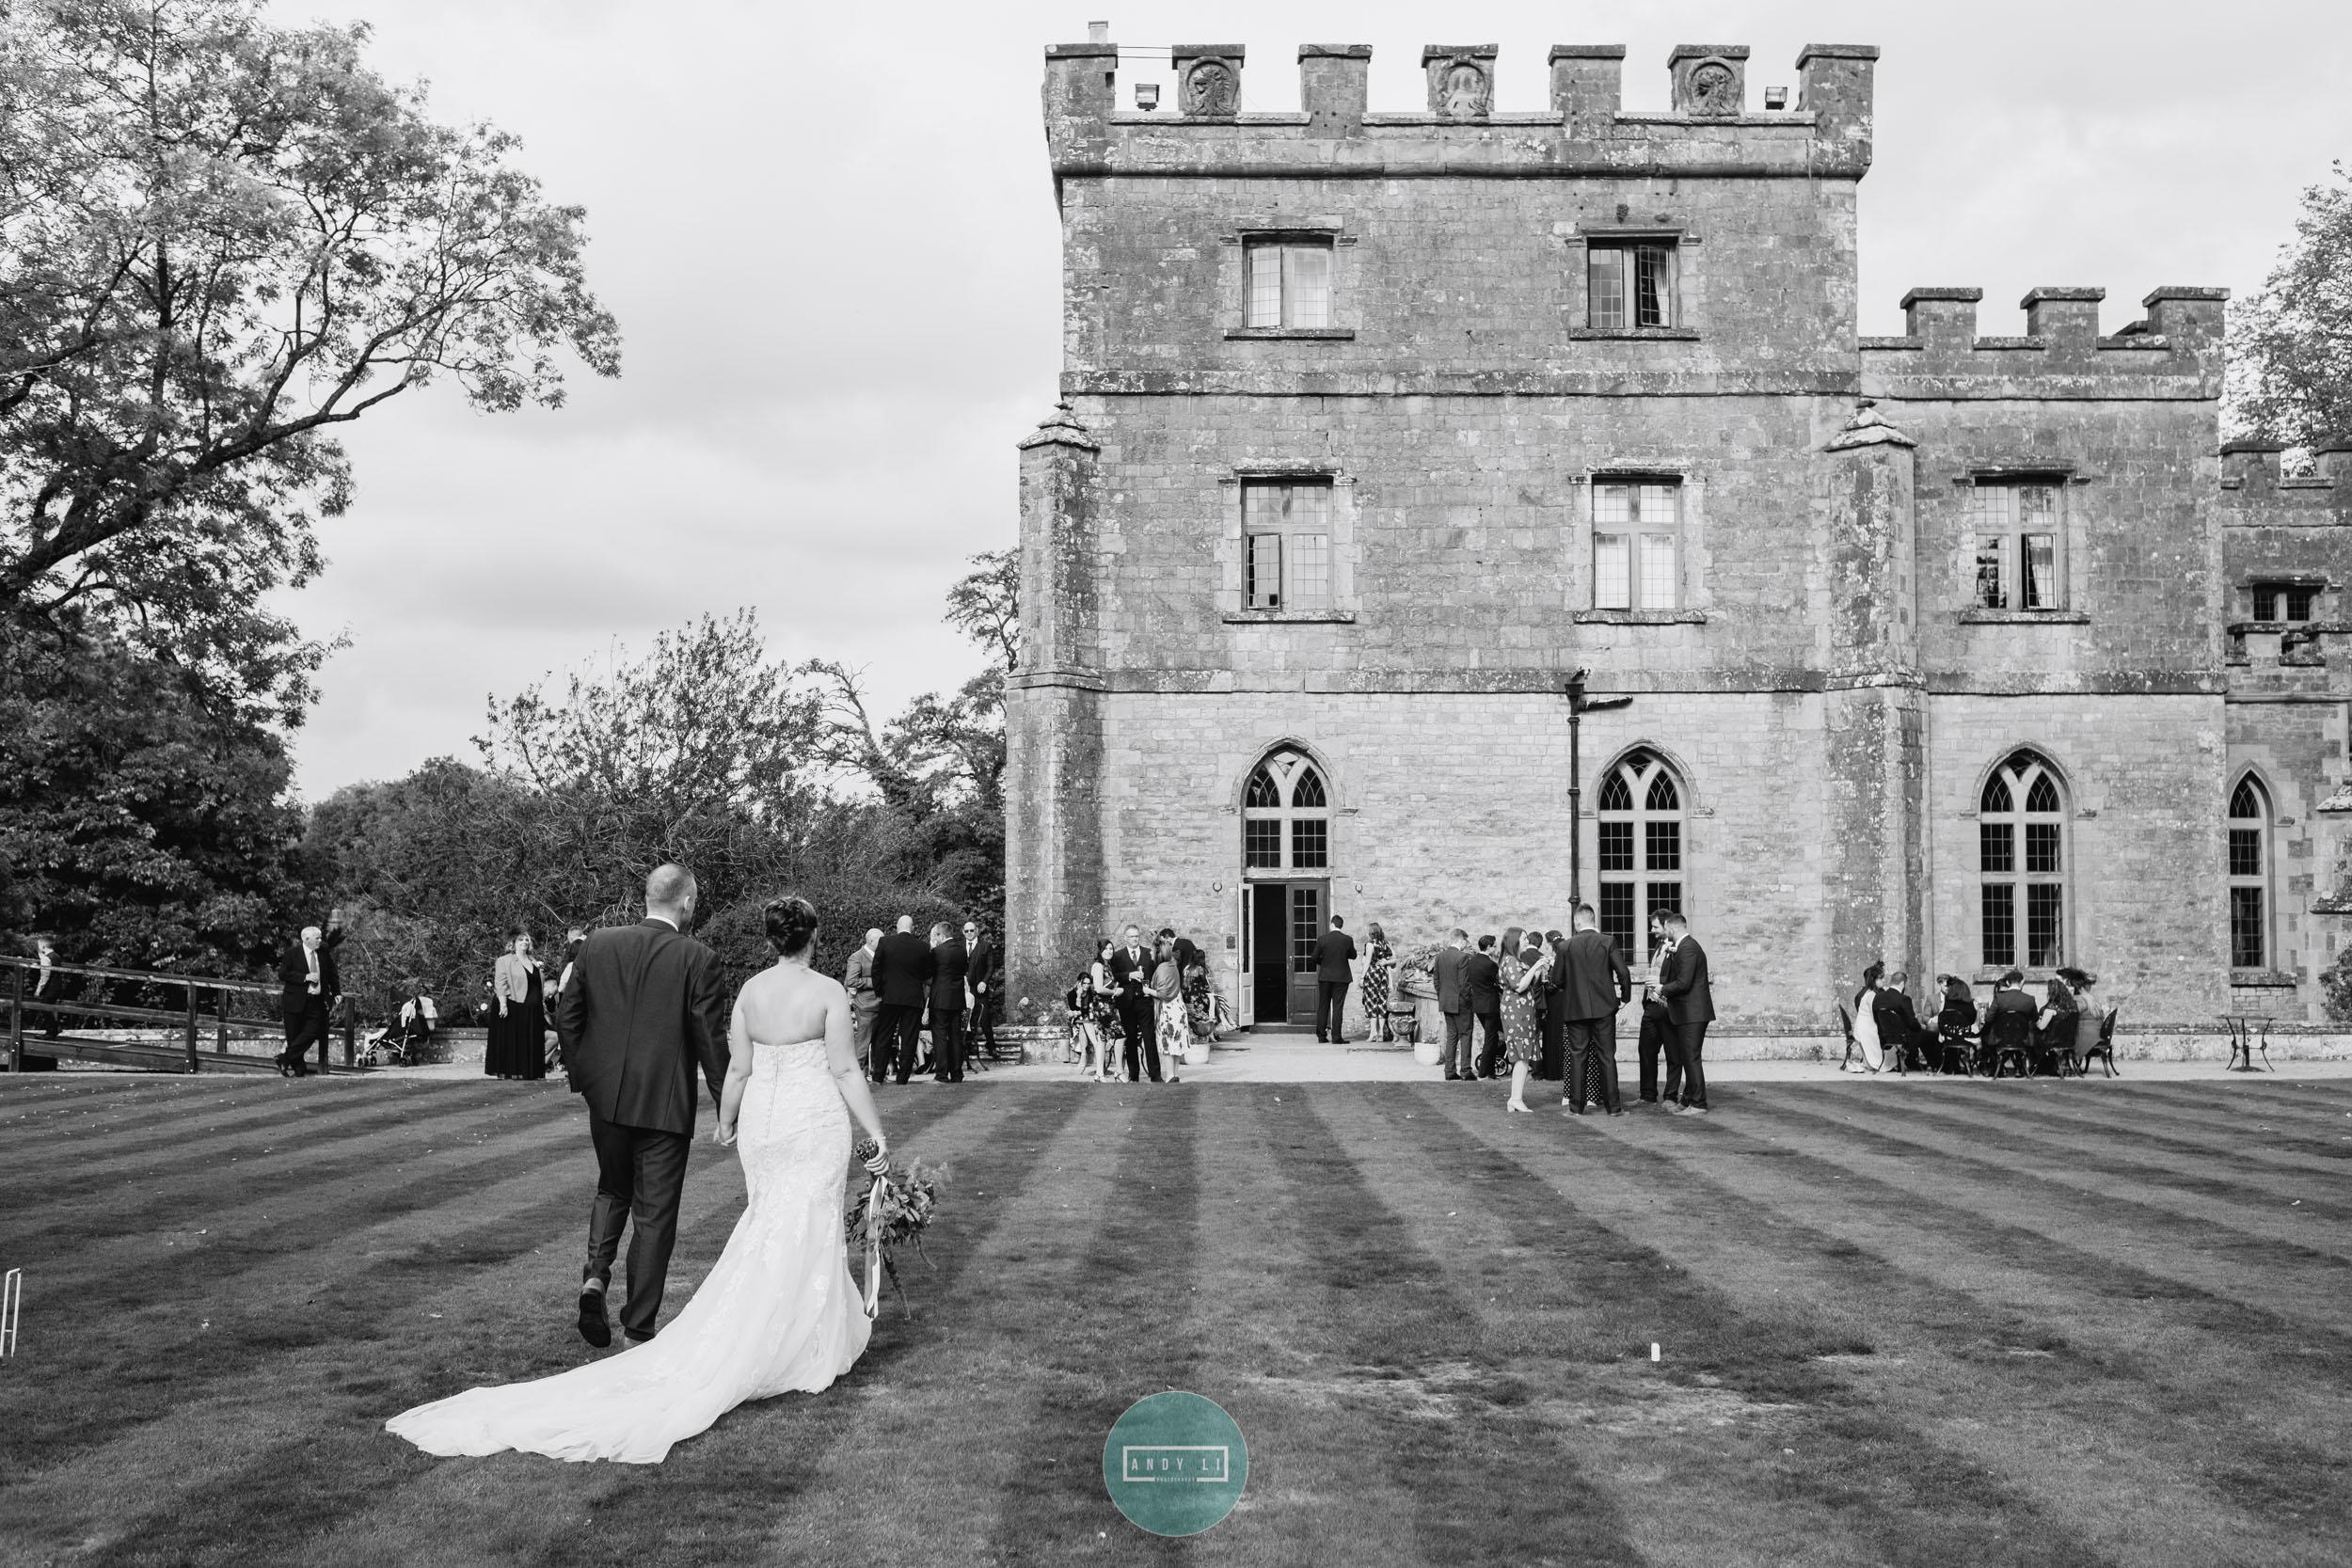 Clearwell Castle Wedding Photographer-094-AXT20568.jpg